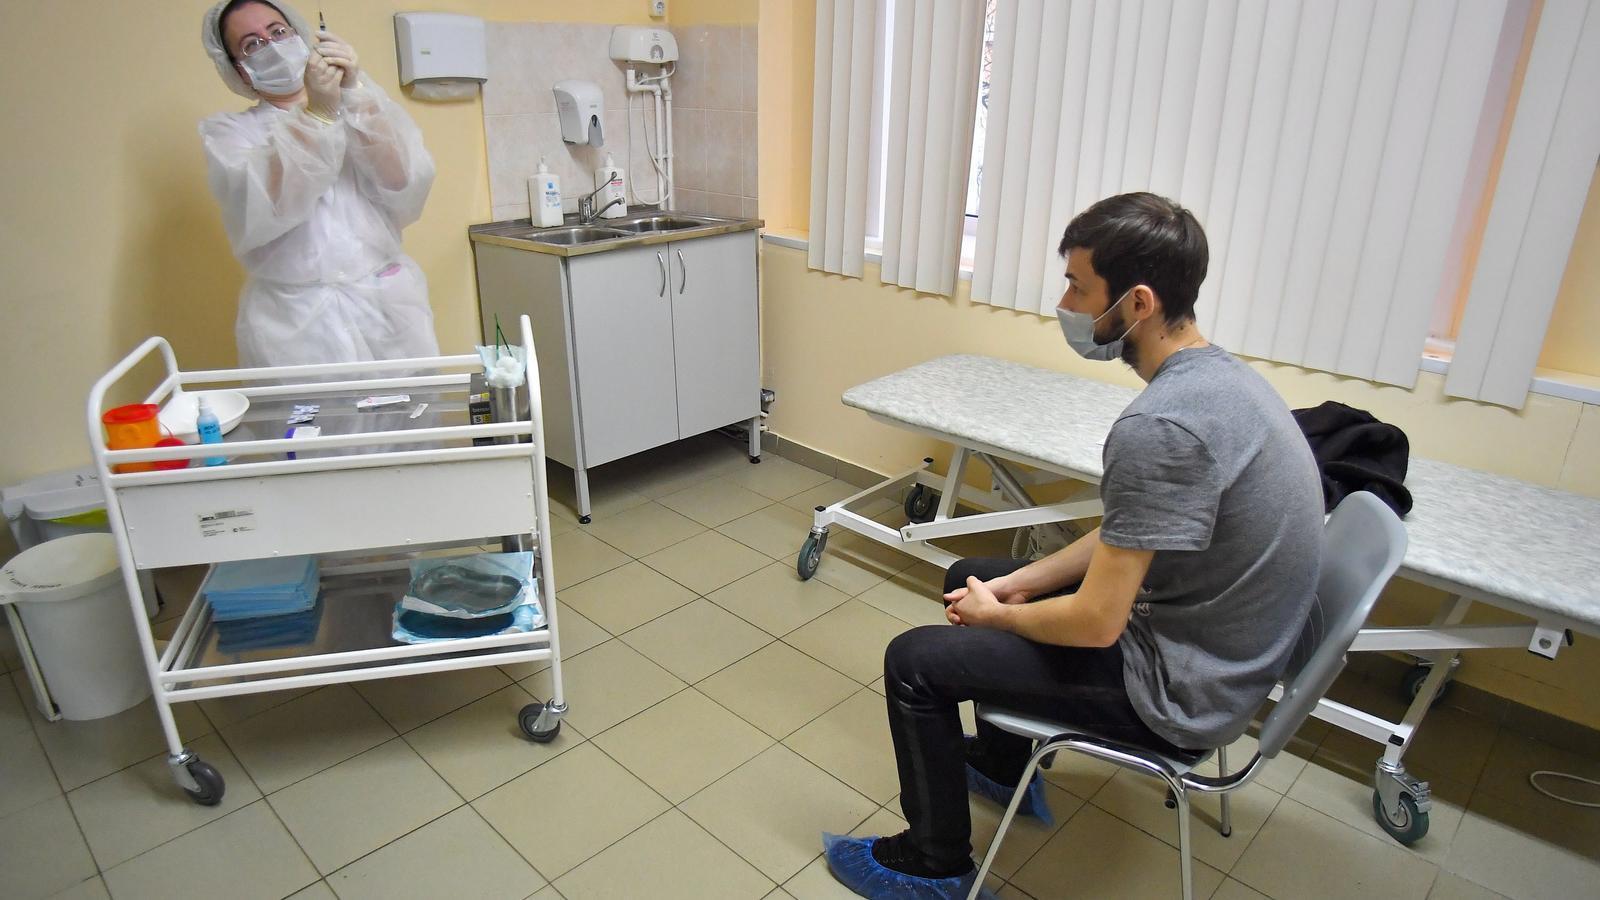 Aquest dissabte, a Moscou, ha començat el procés massiu de vacunació de la població russa, segons informen les diferents agències del país